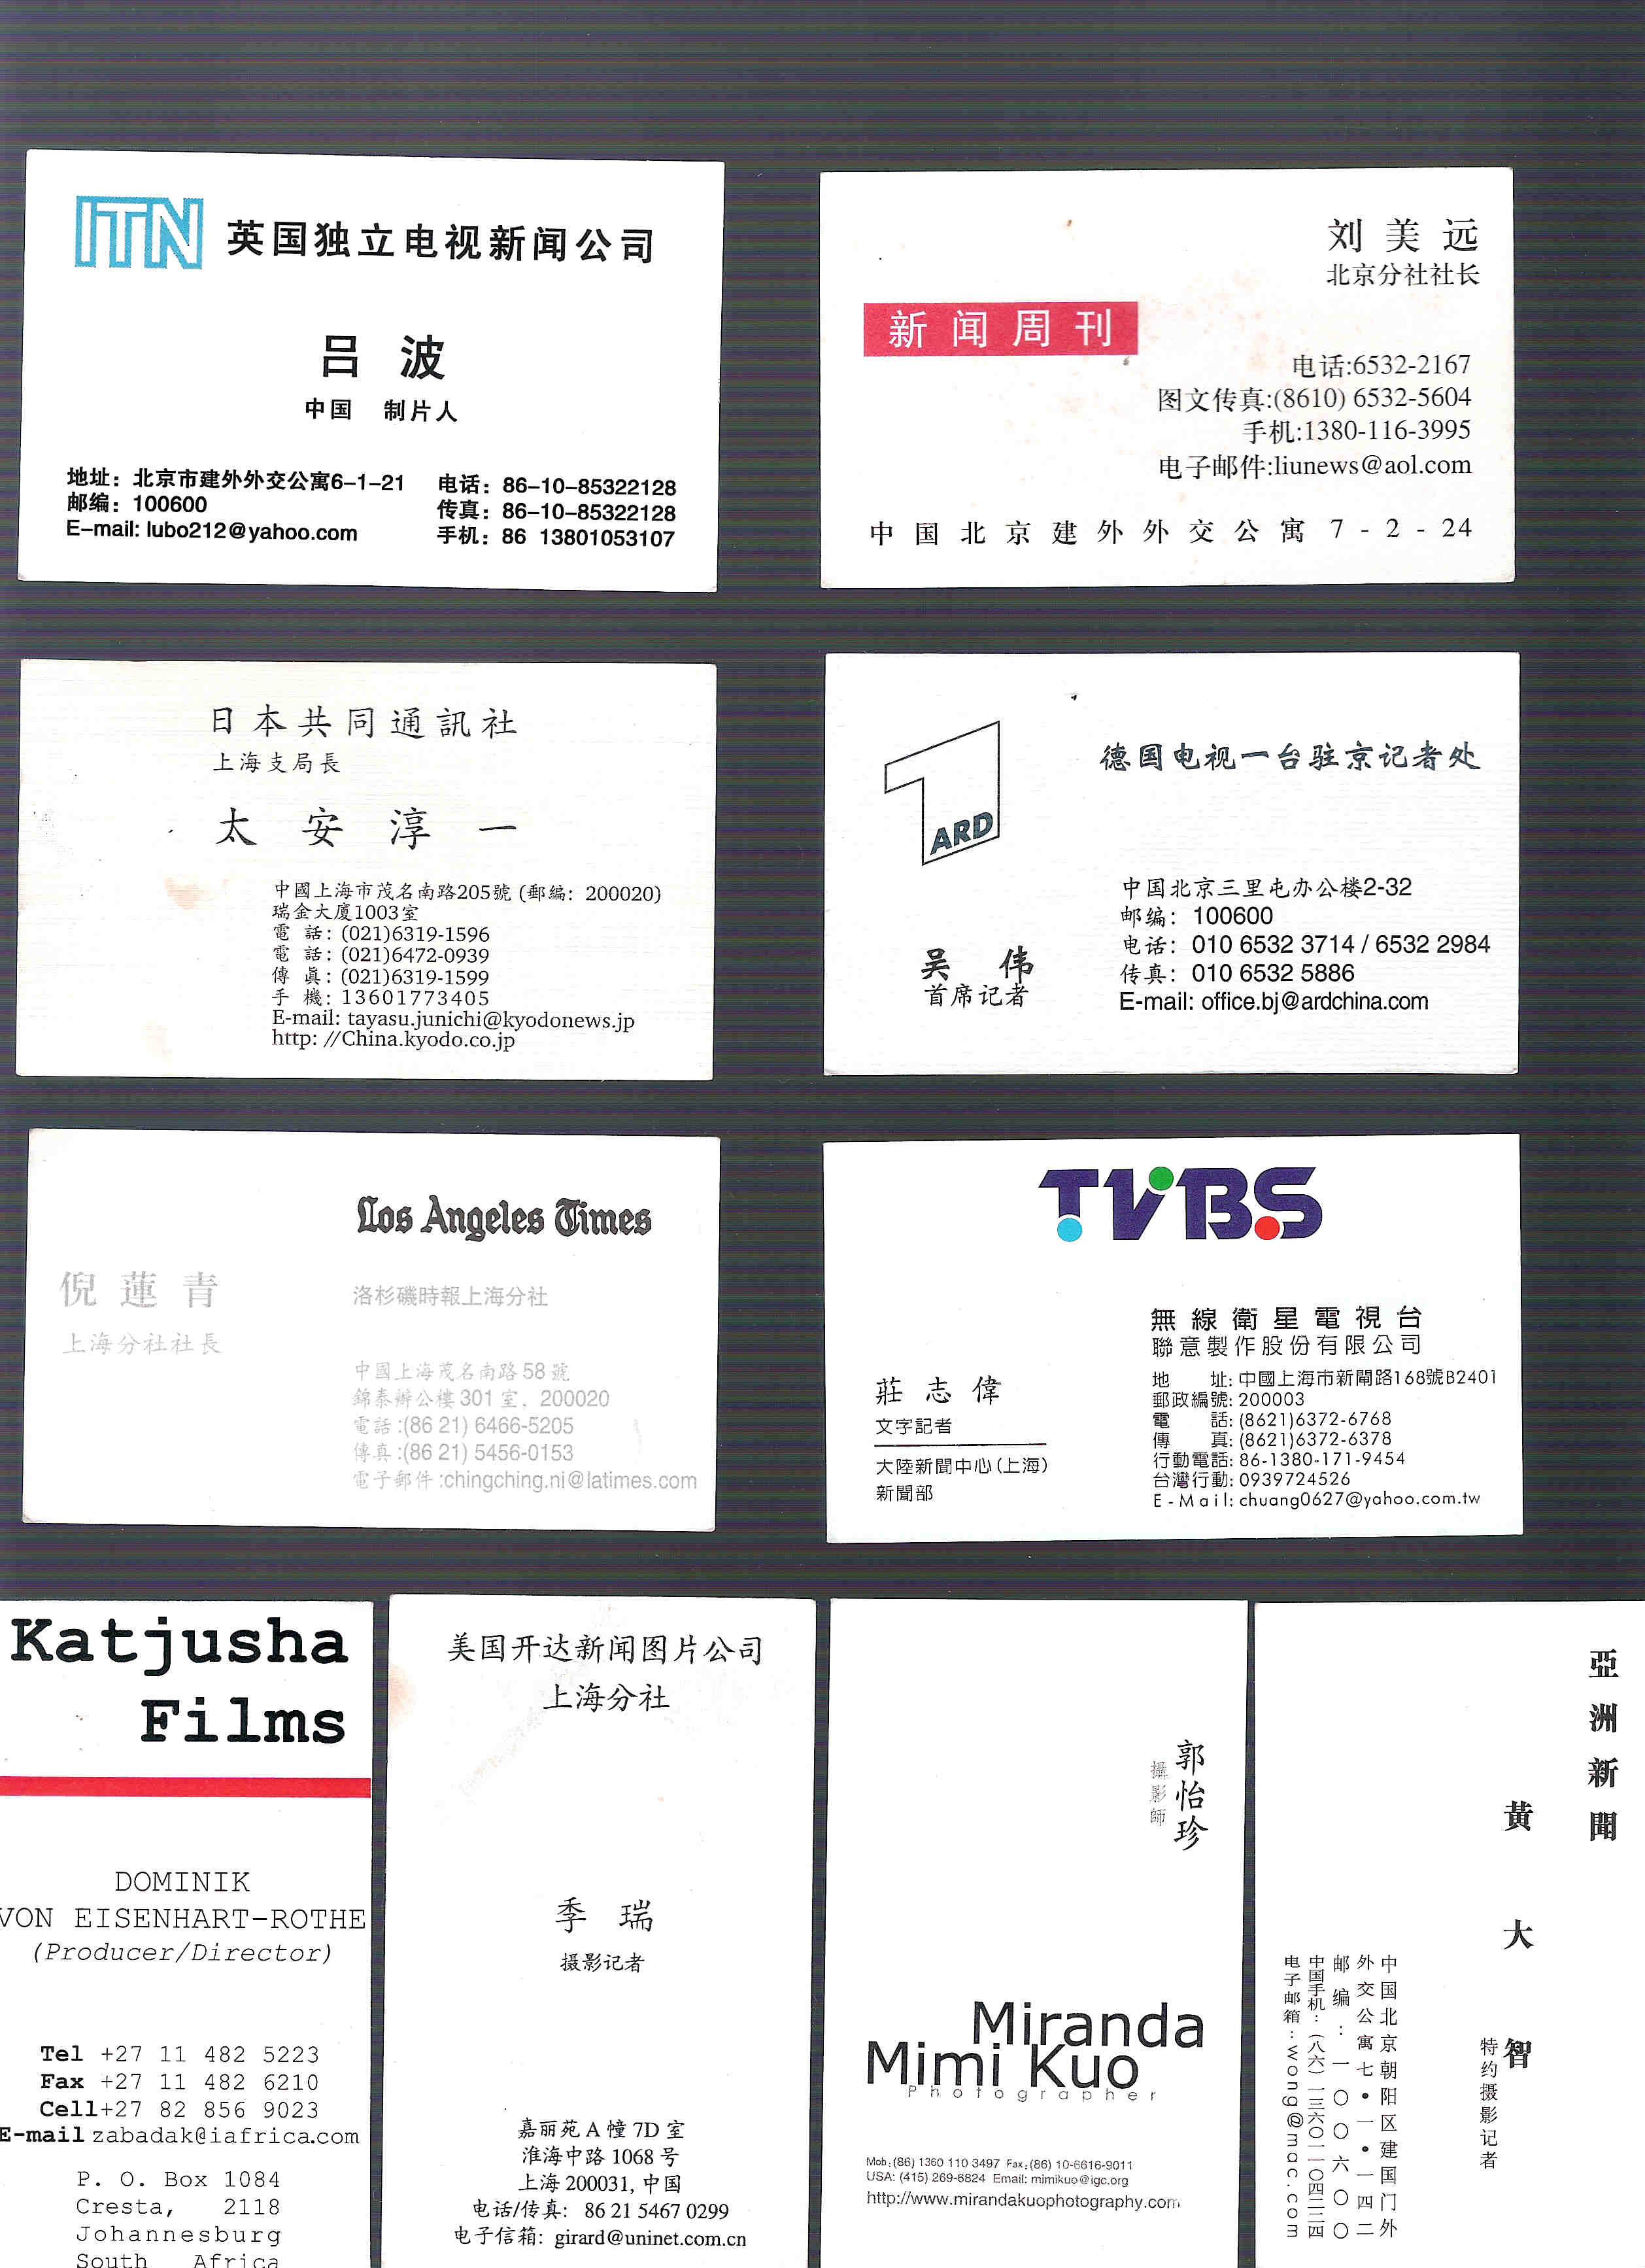 大连私家侦探社招聘_上海私家侦探招聘_龙岗家庭招聘私家司机